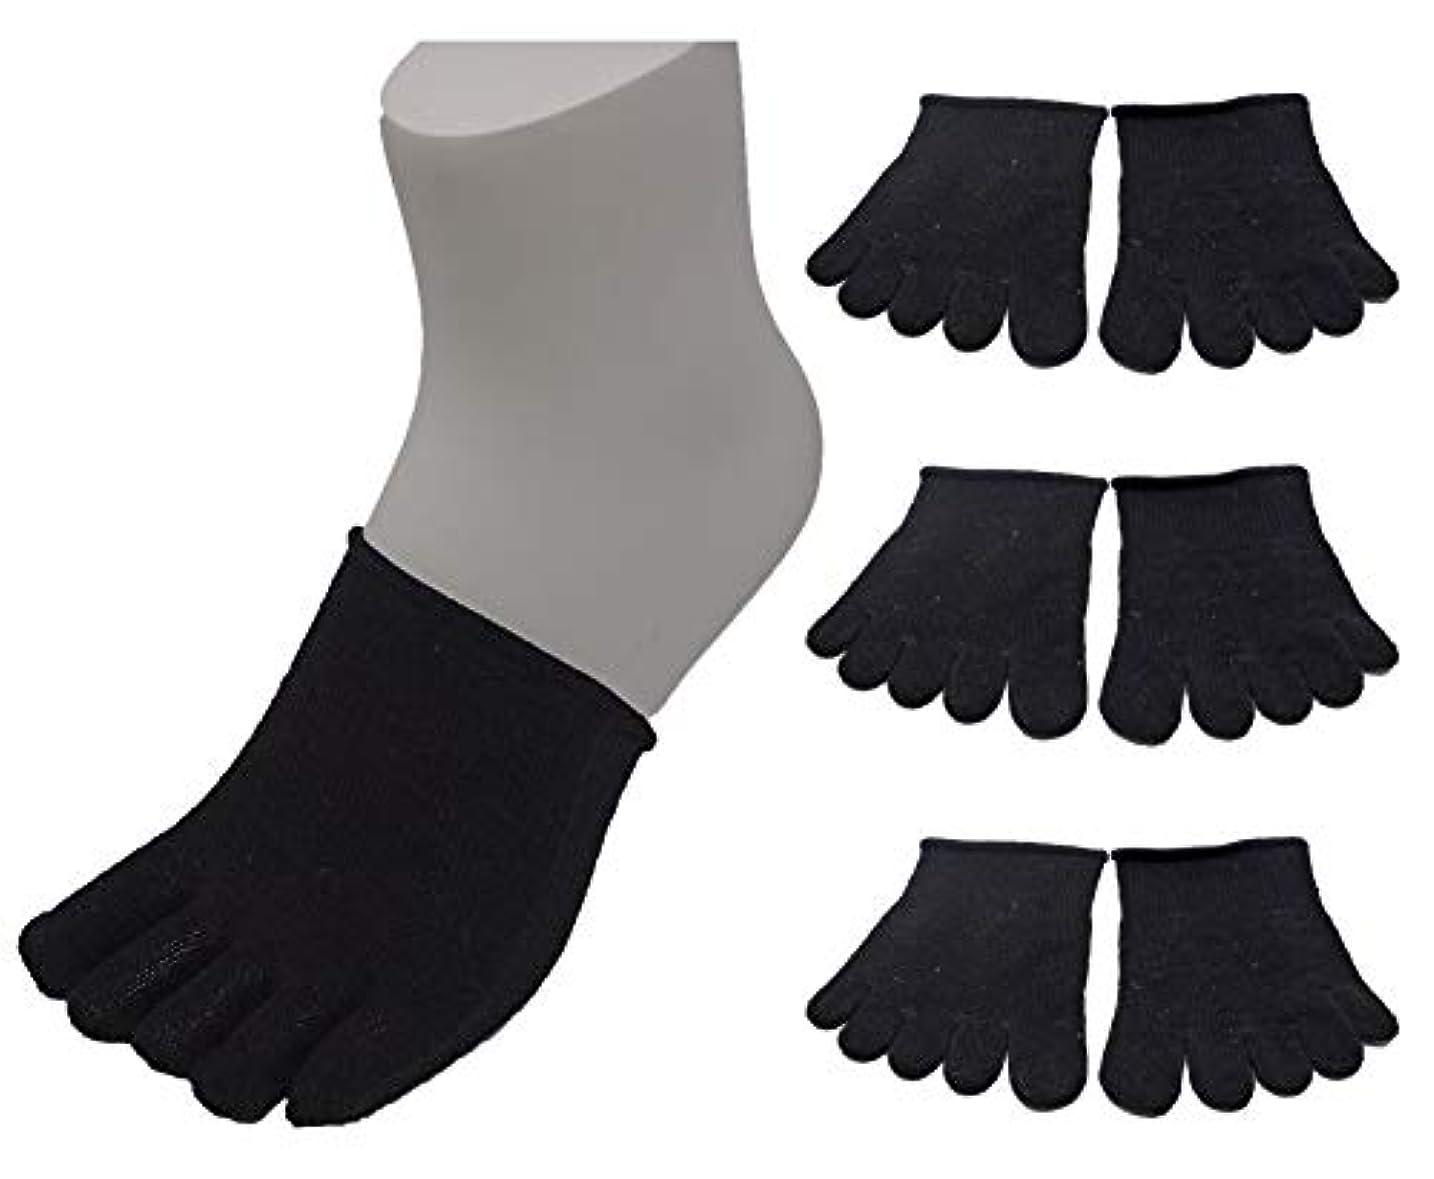 レール一見のホストUSK STORE シルク 5本指ハーフソックス 3足セット 重ね履き 冷え取り 天然素材 男女兼用 22-27cm (黒)